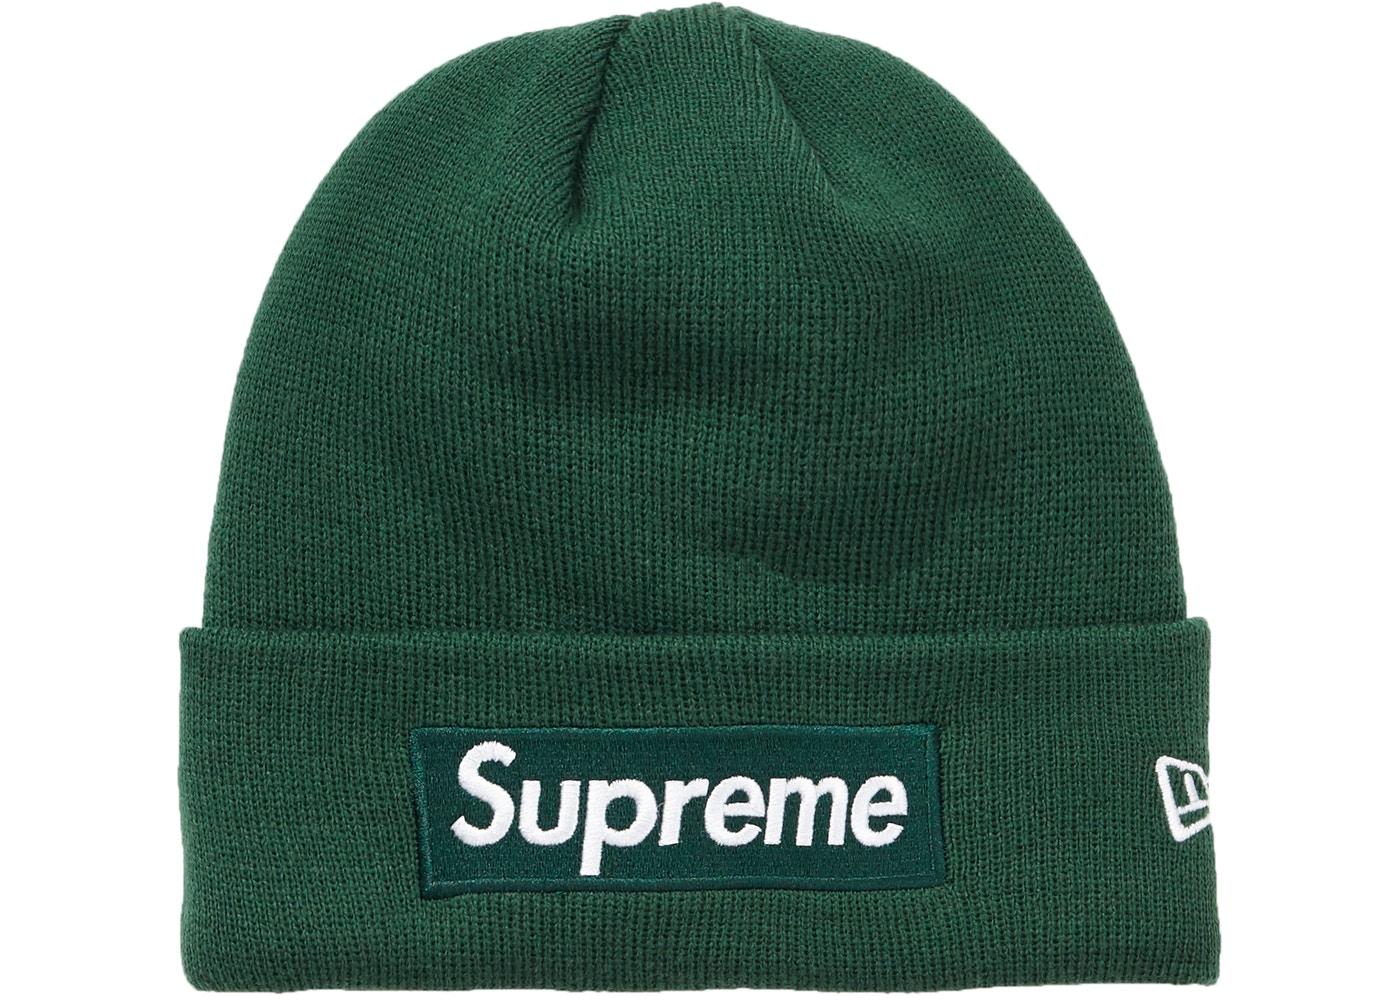 83e2640414c0e Supreme New Era Box Logo Beanie (FW18) Dark Green - FW18